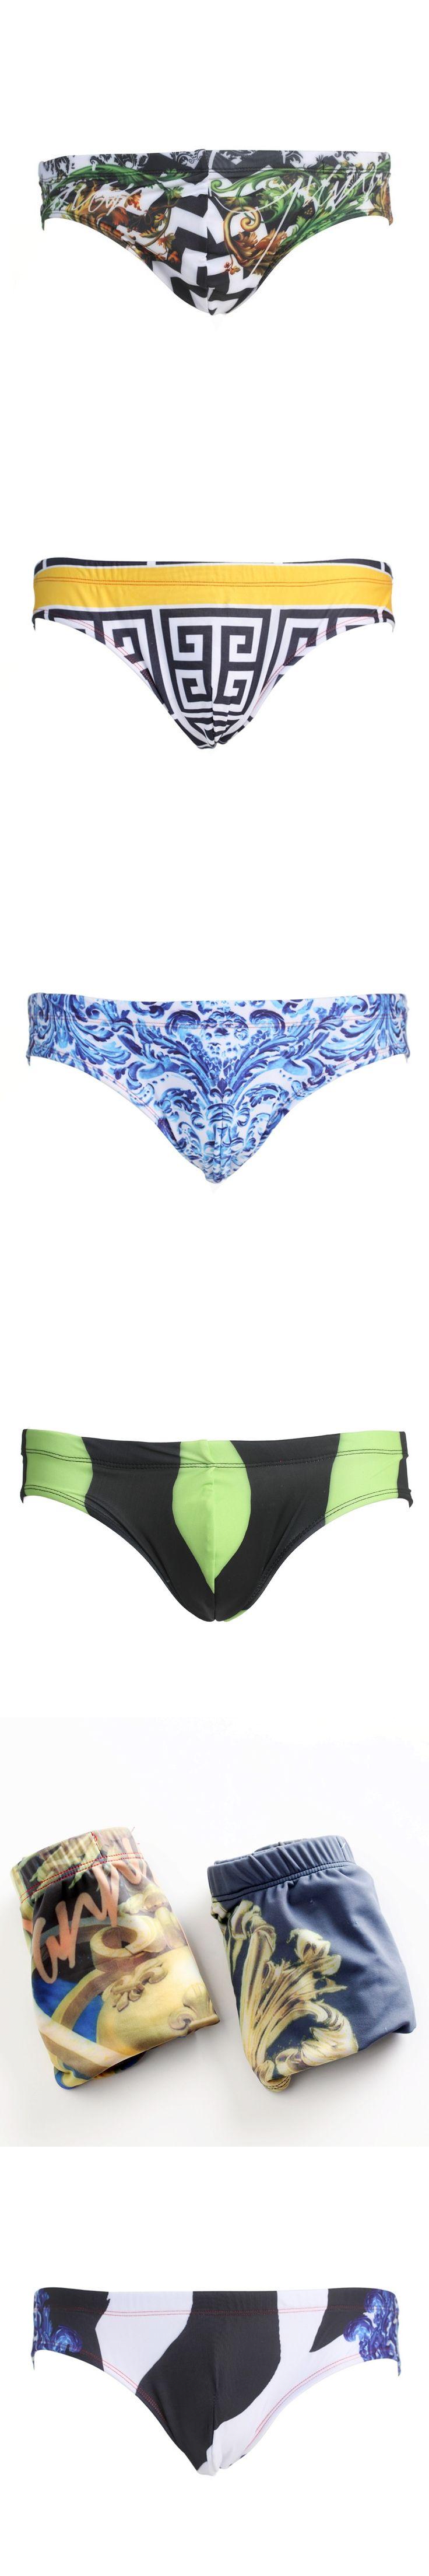 New Men's Swimming 2016 High-grade nylon pants Trunks For Mens Swimsuit Trunks Swimwear Men Low Waist Swim briefs